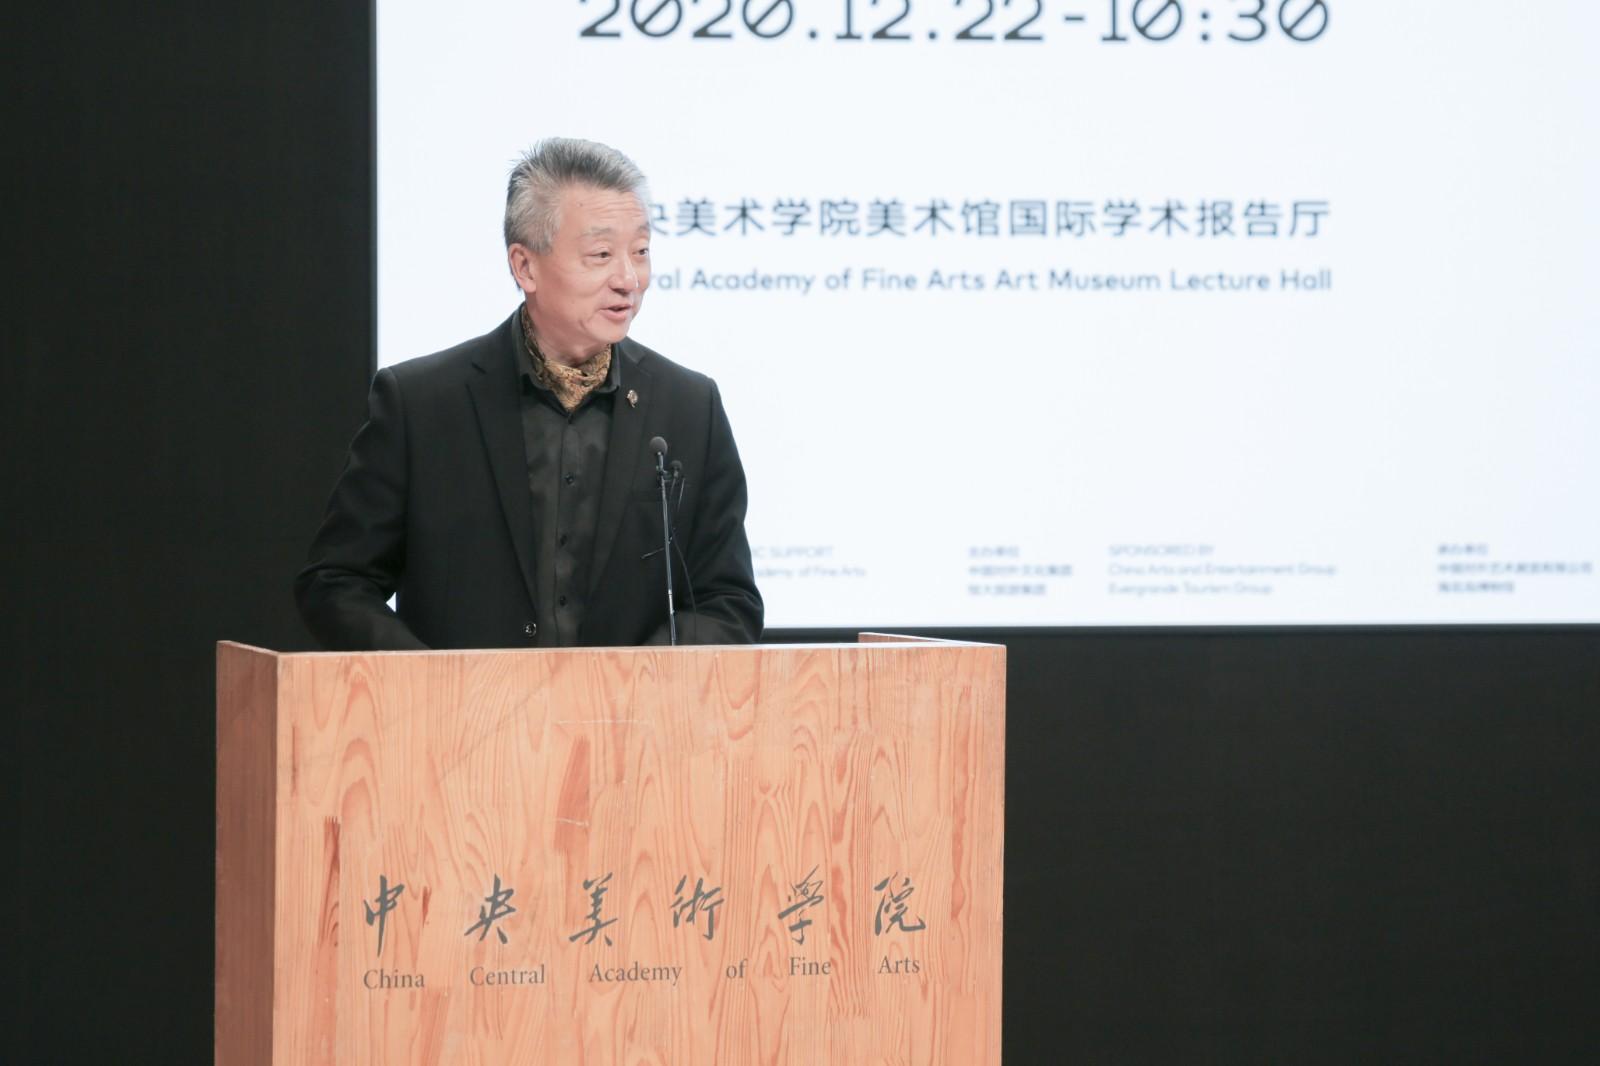 12、恒大旅游集团副总裁、海花岛运营总公司总经理李登海代表主办方发言